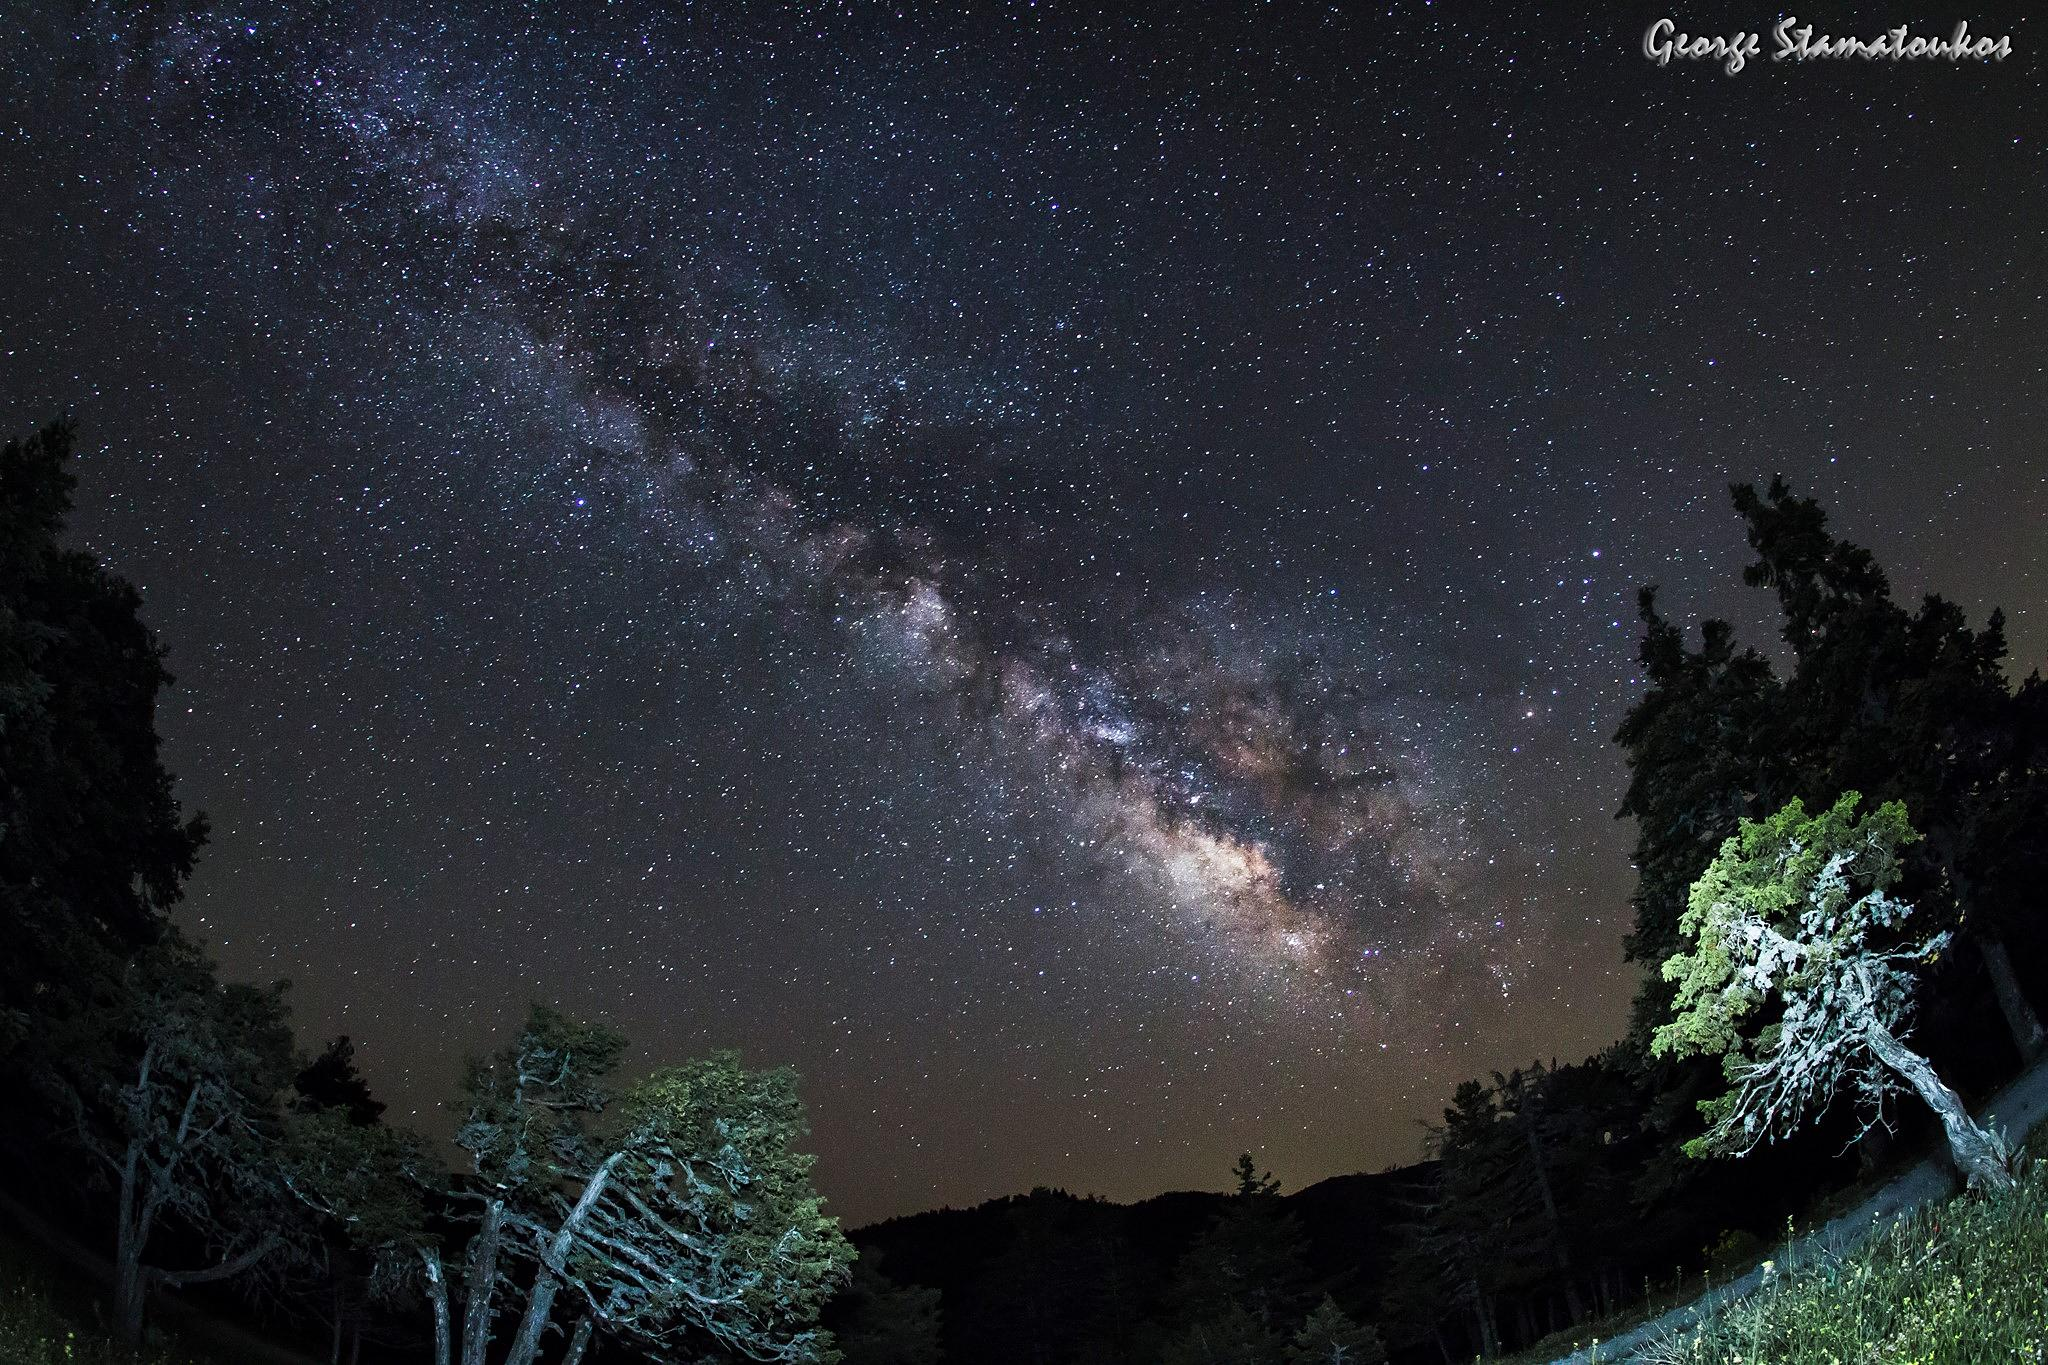 MilkyWay  by George K. Stamatoukos